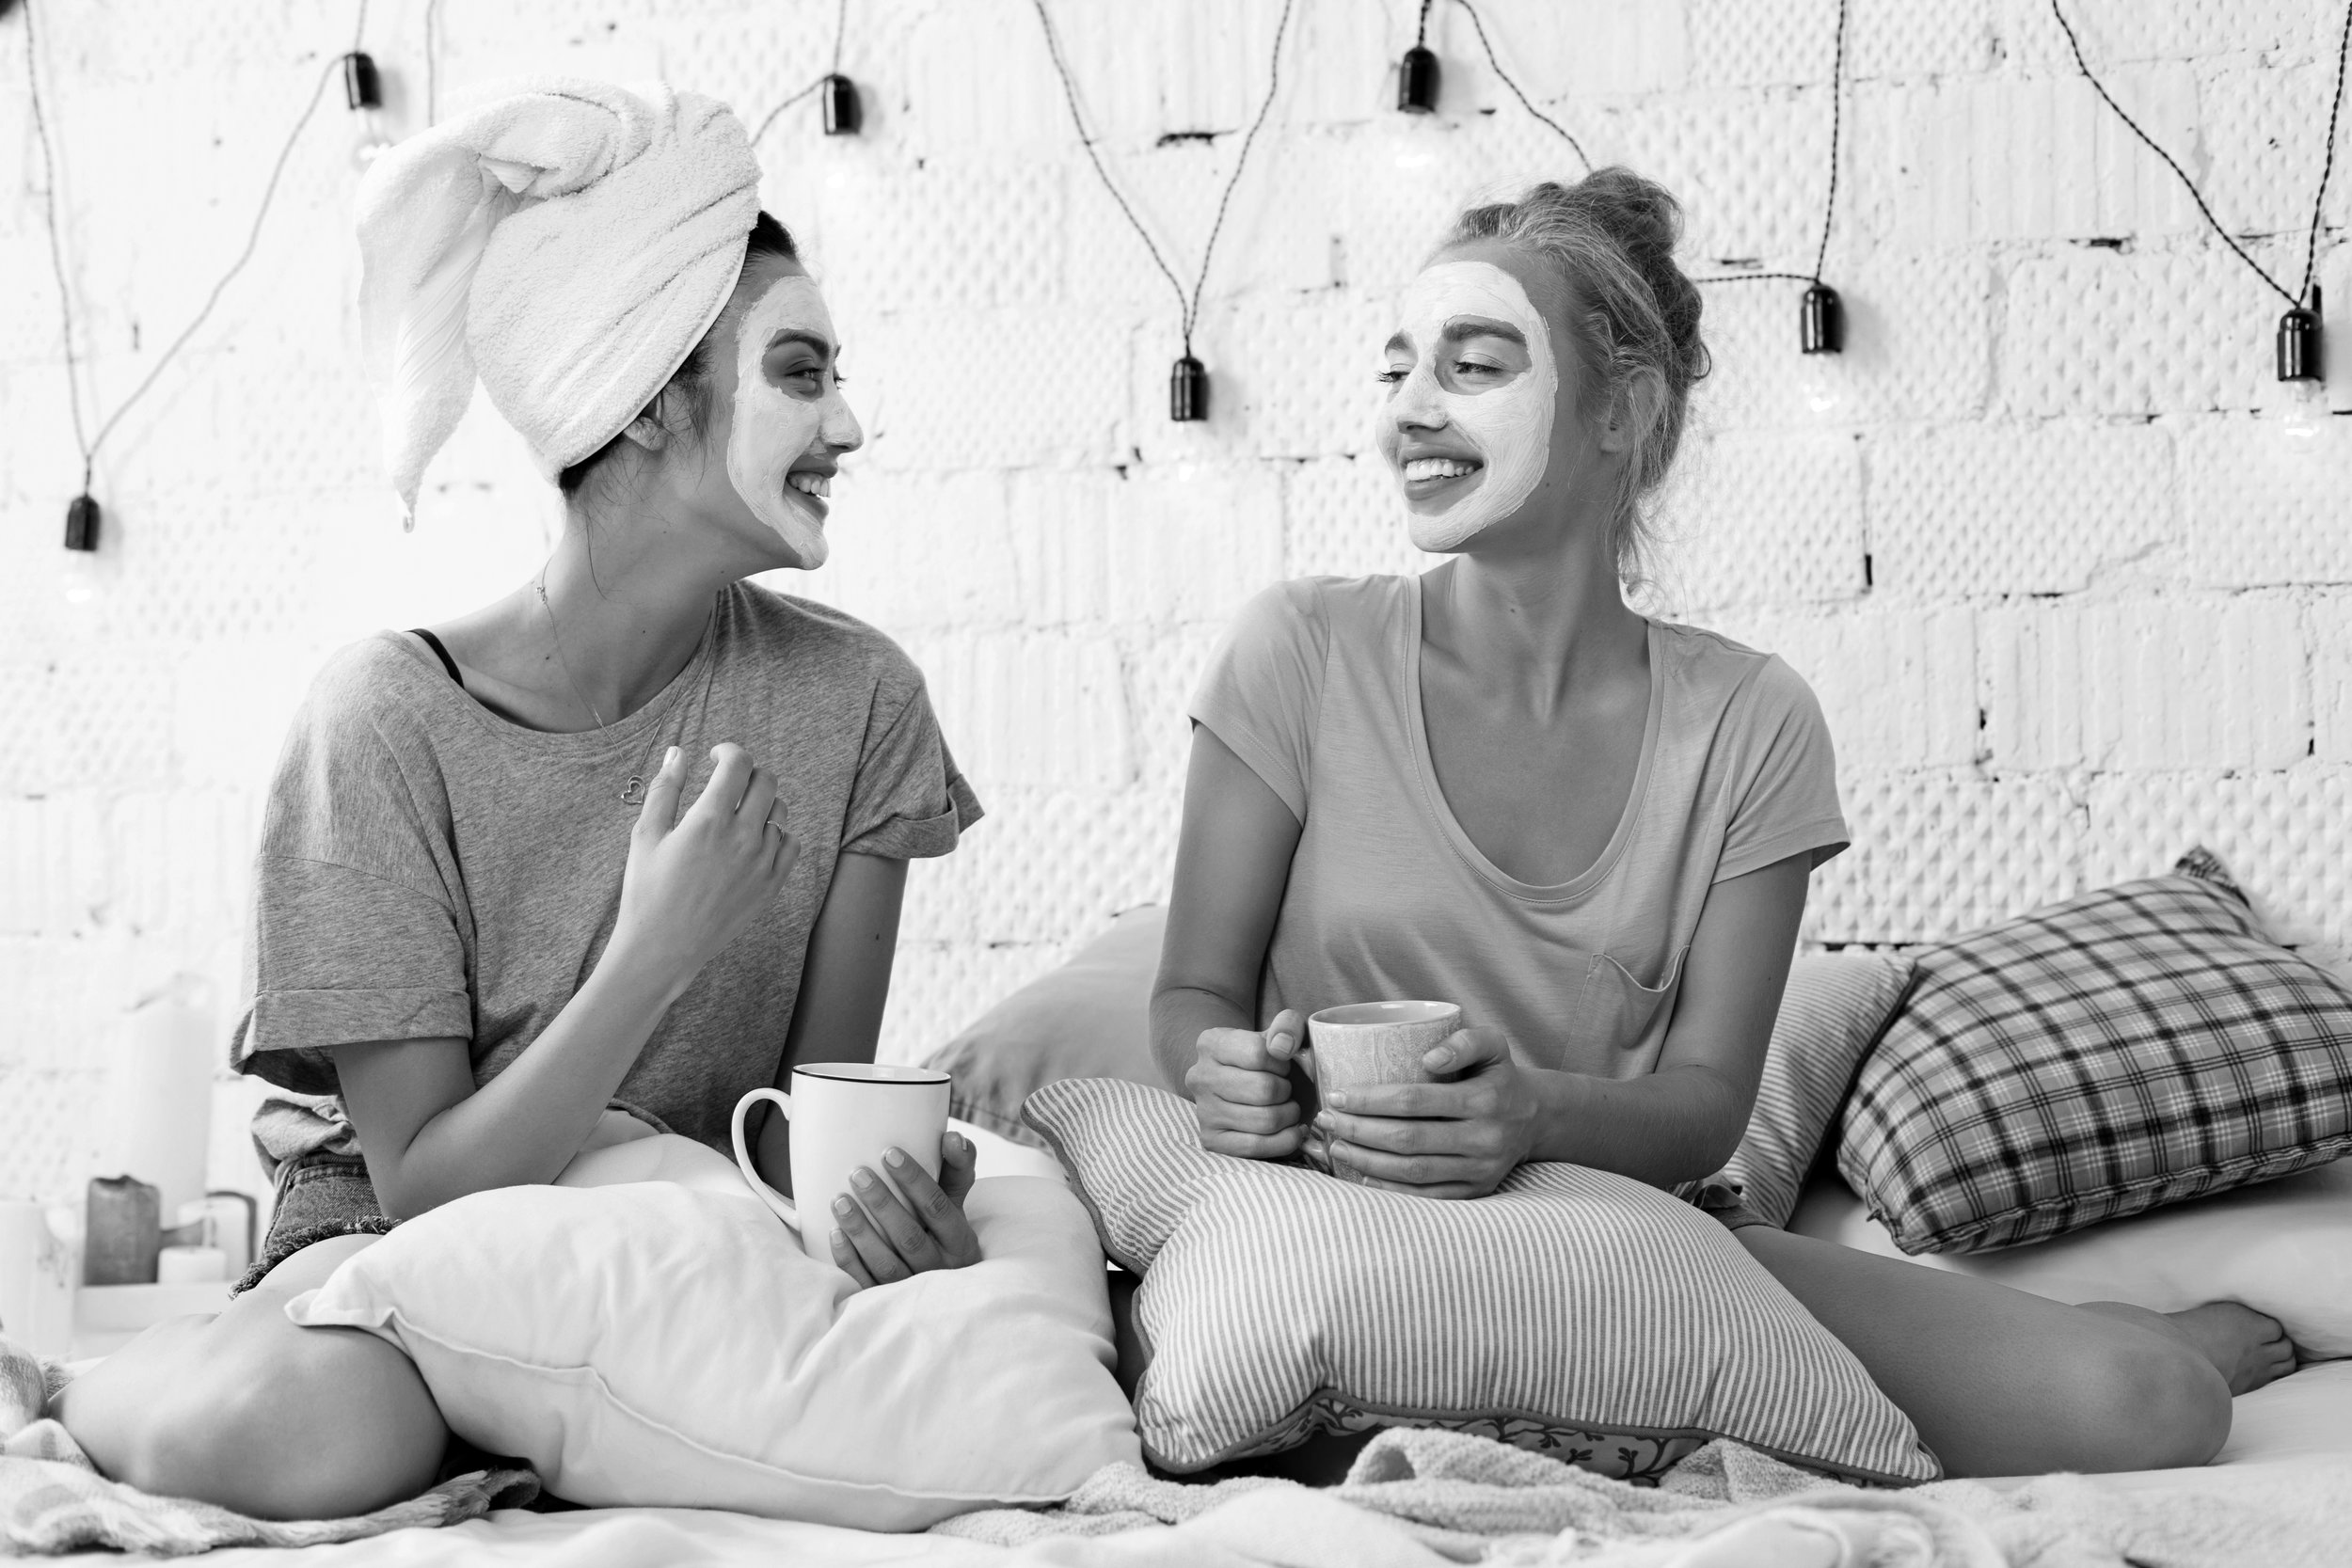 Two women relaxing enjoying facial skincare masks